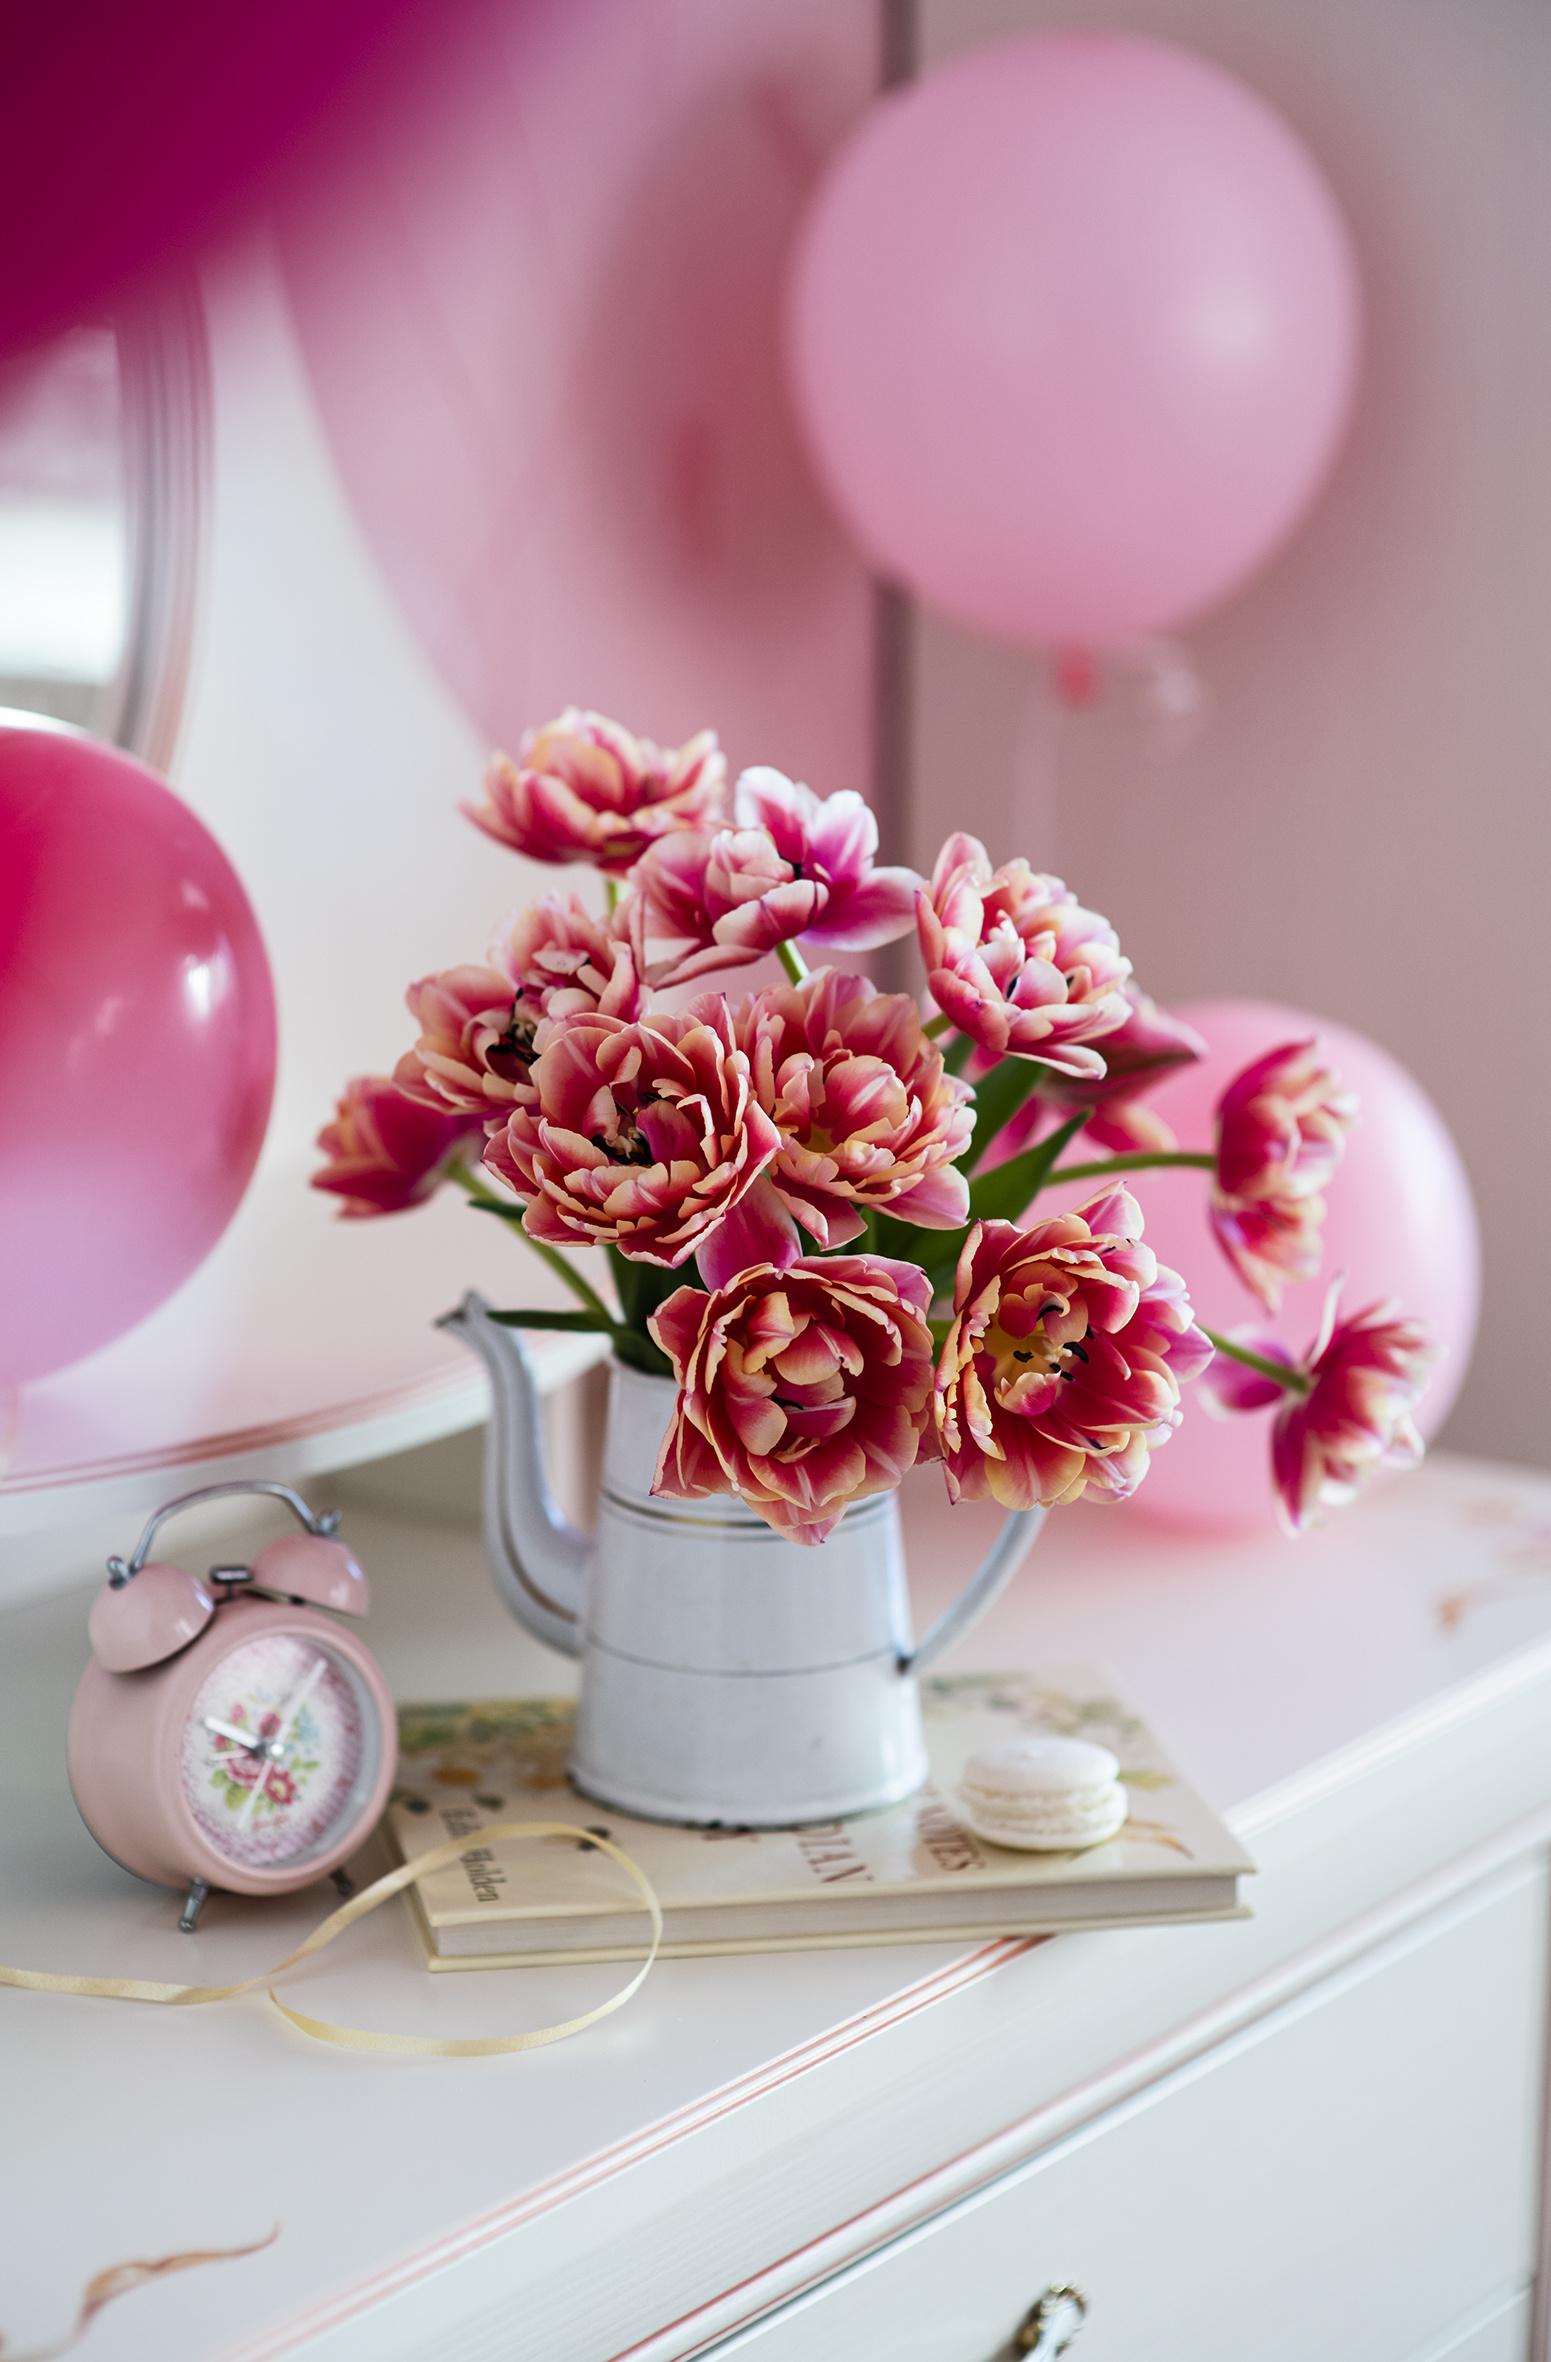 Foto luftballons Bokeh Uhr Tulpen Wecker Blumen Vase  für Handy Luftballon unscharfer Hintergrund Blüte